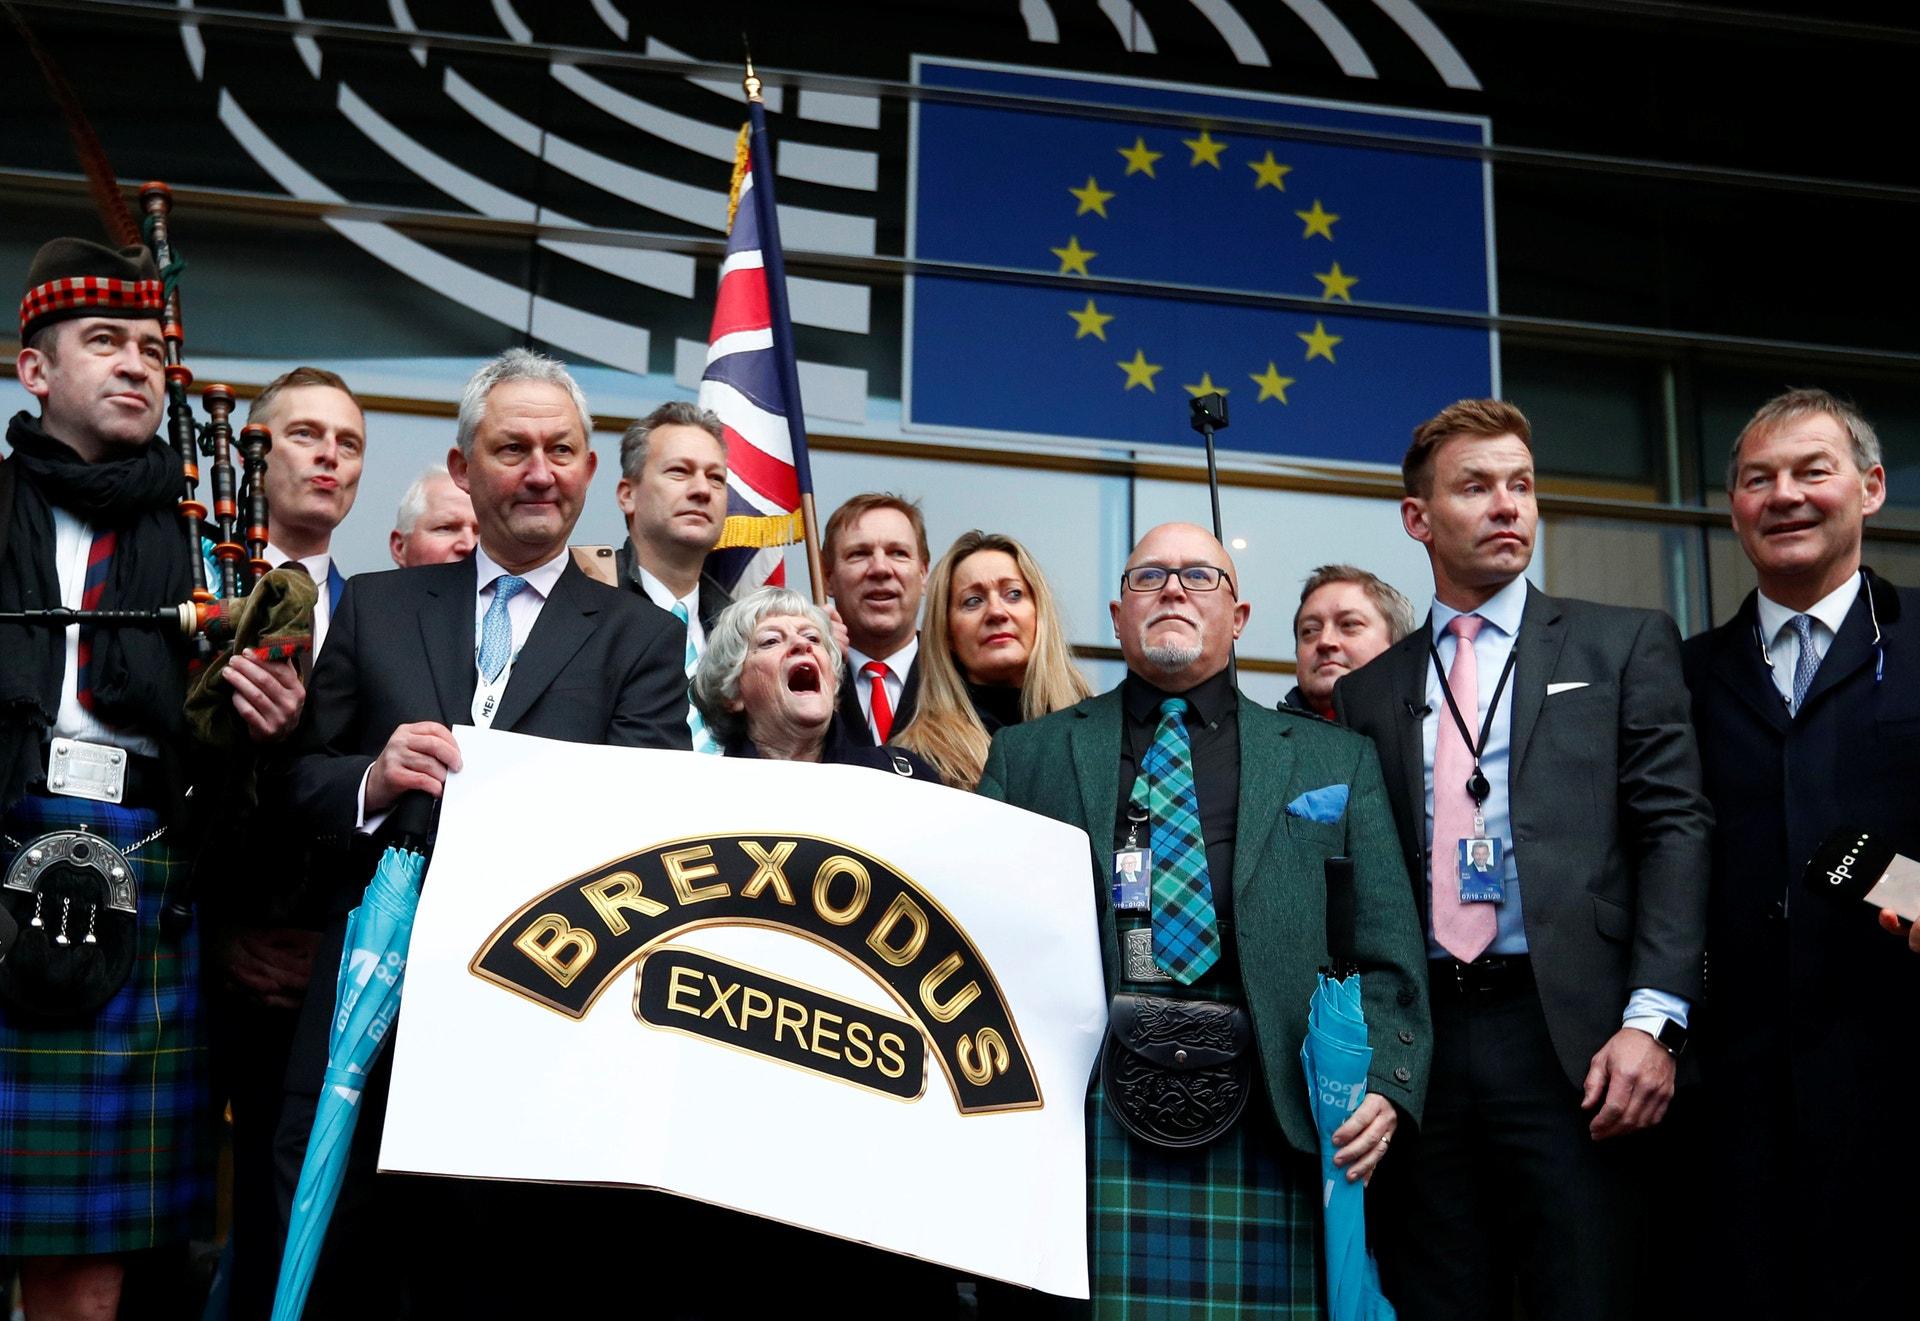 Membros britânicos pró-brexit do Parlamento Europeu deixam o este espaço da EU, em Bruxelas,  pela última vez. 31 janeiro 2020. REUTERS/Francois Lenoir